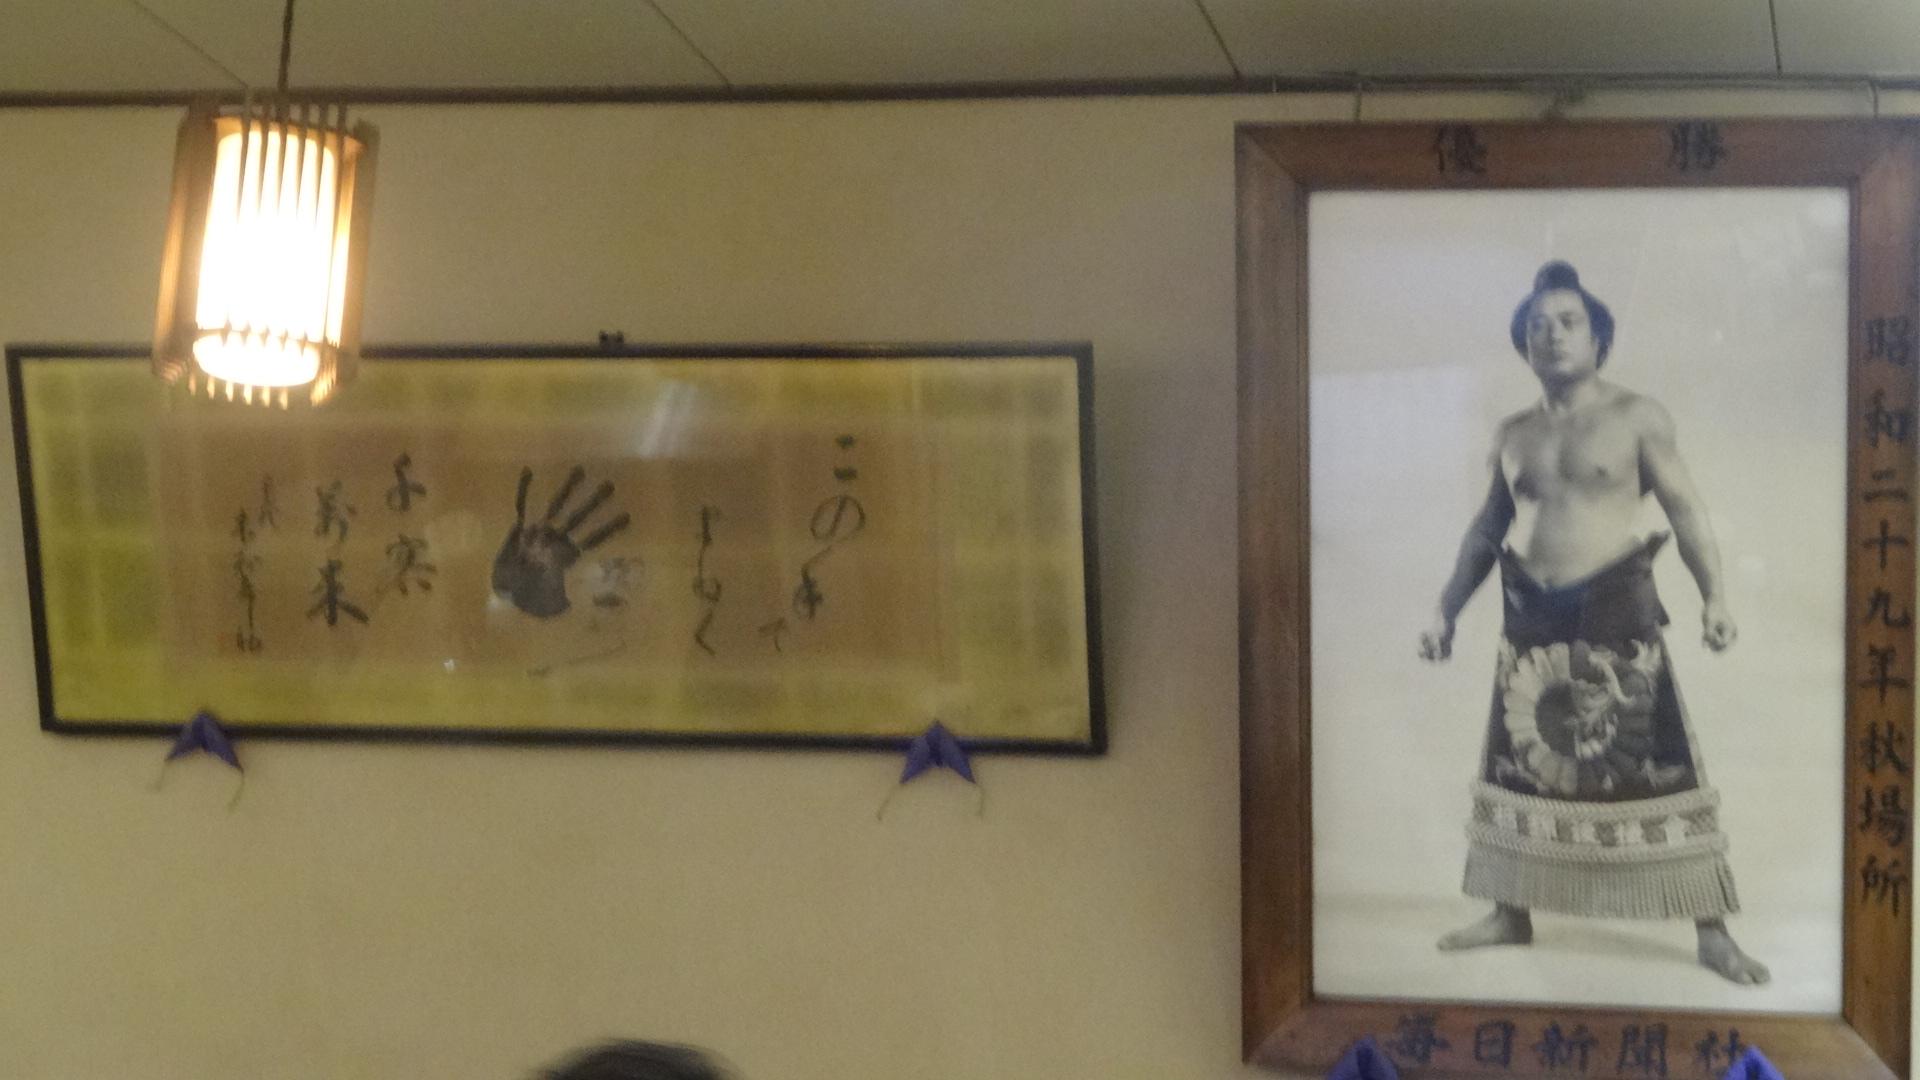 飾られている力士の写真と手形のついた色紙